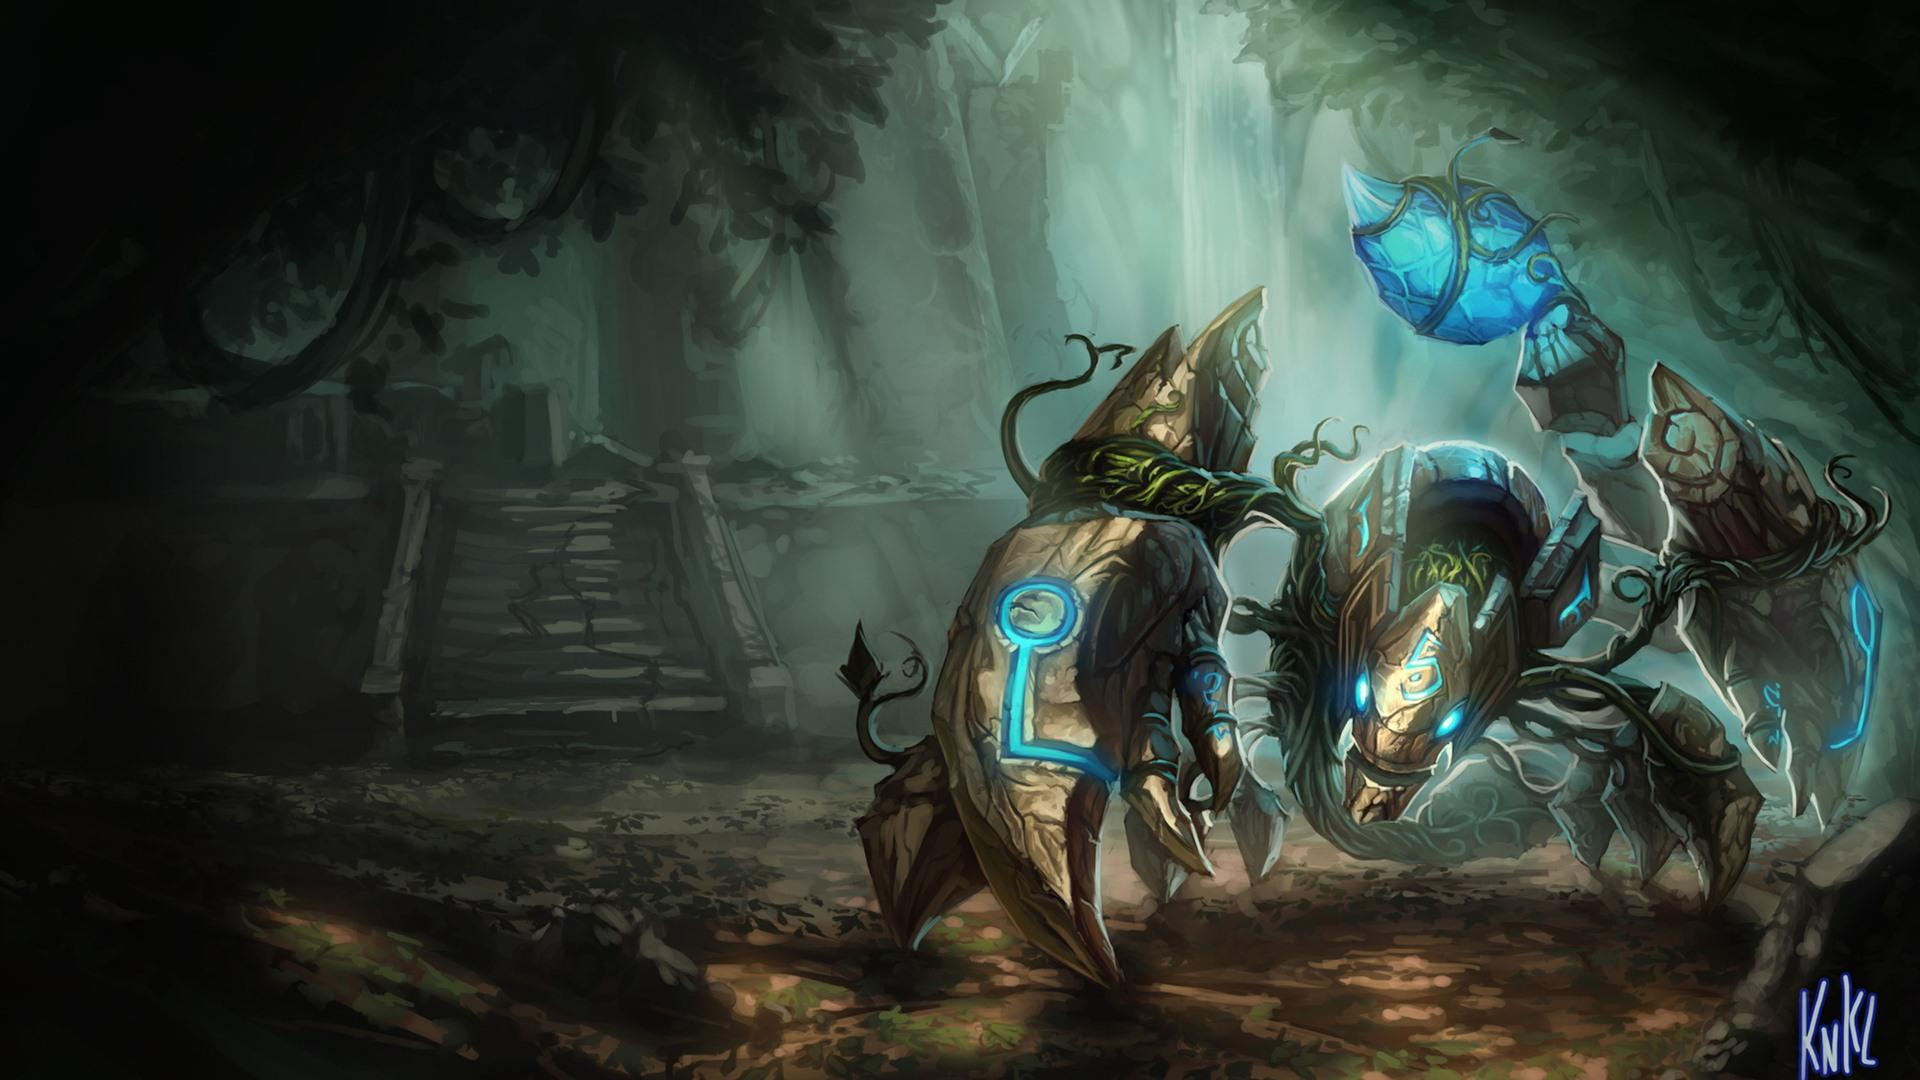 descargar juego league of legends para celular